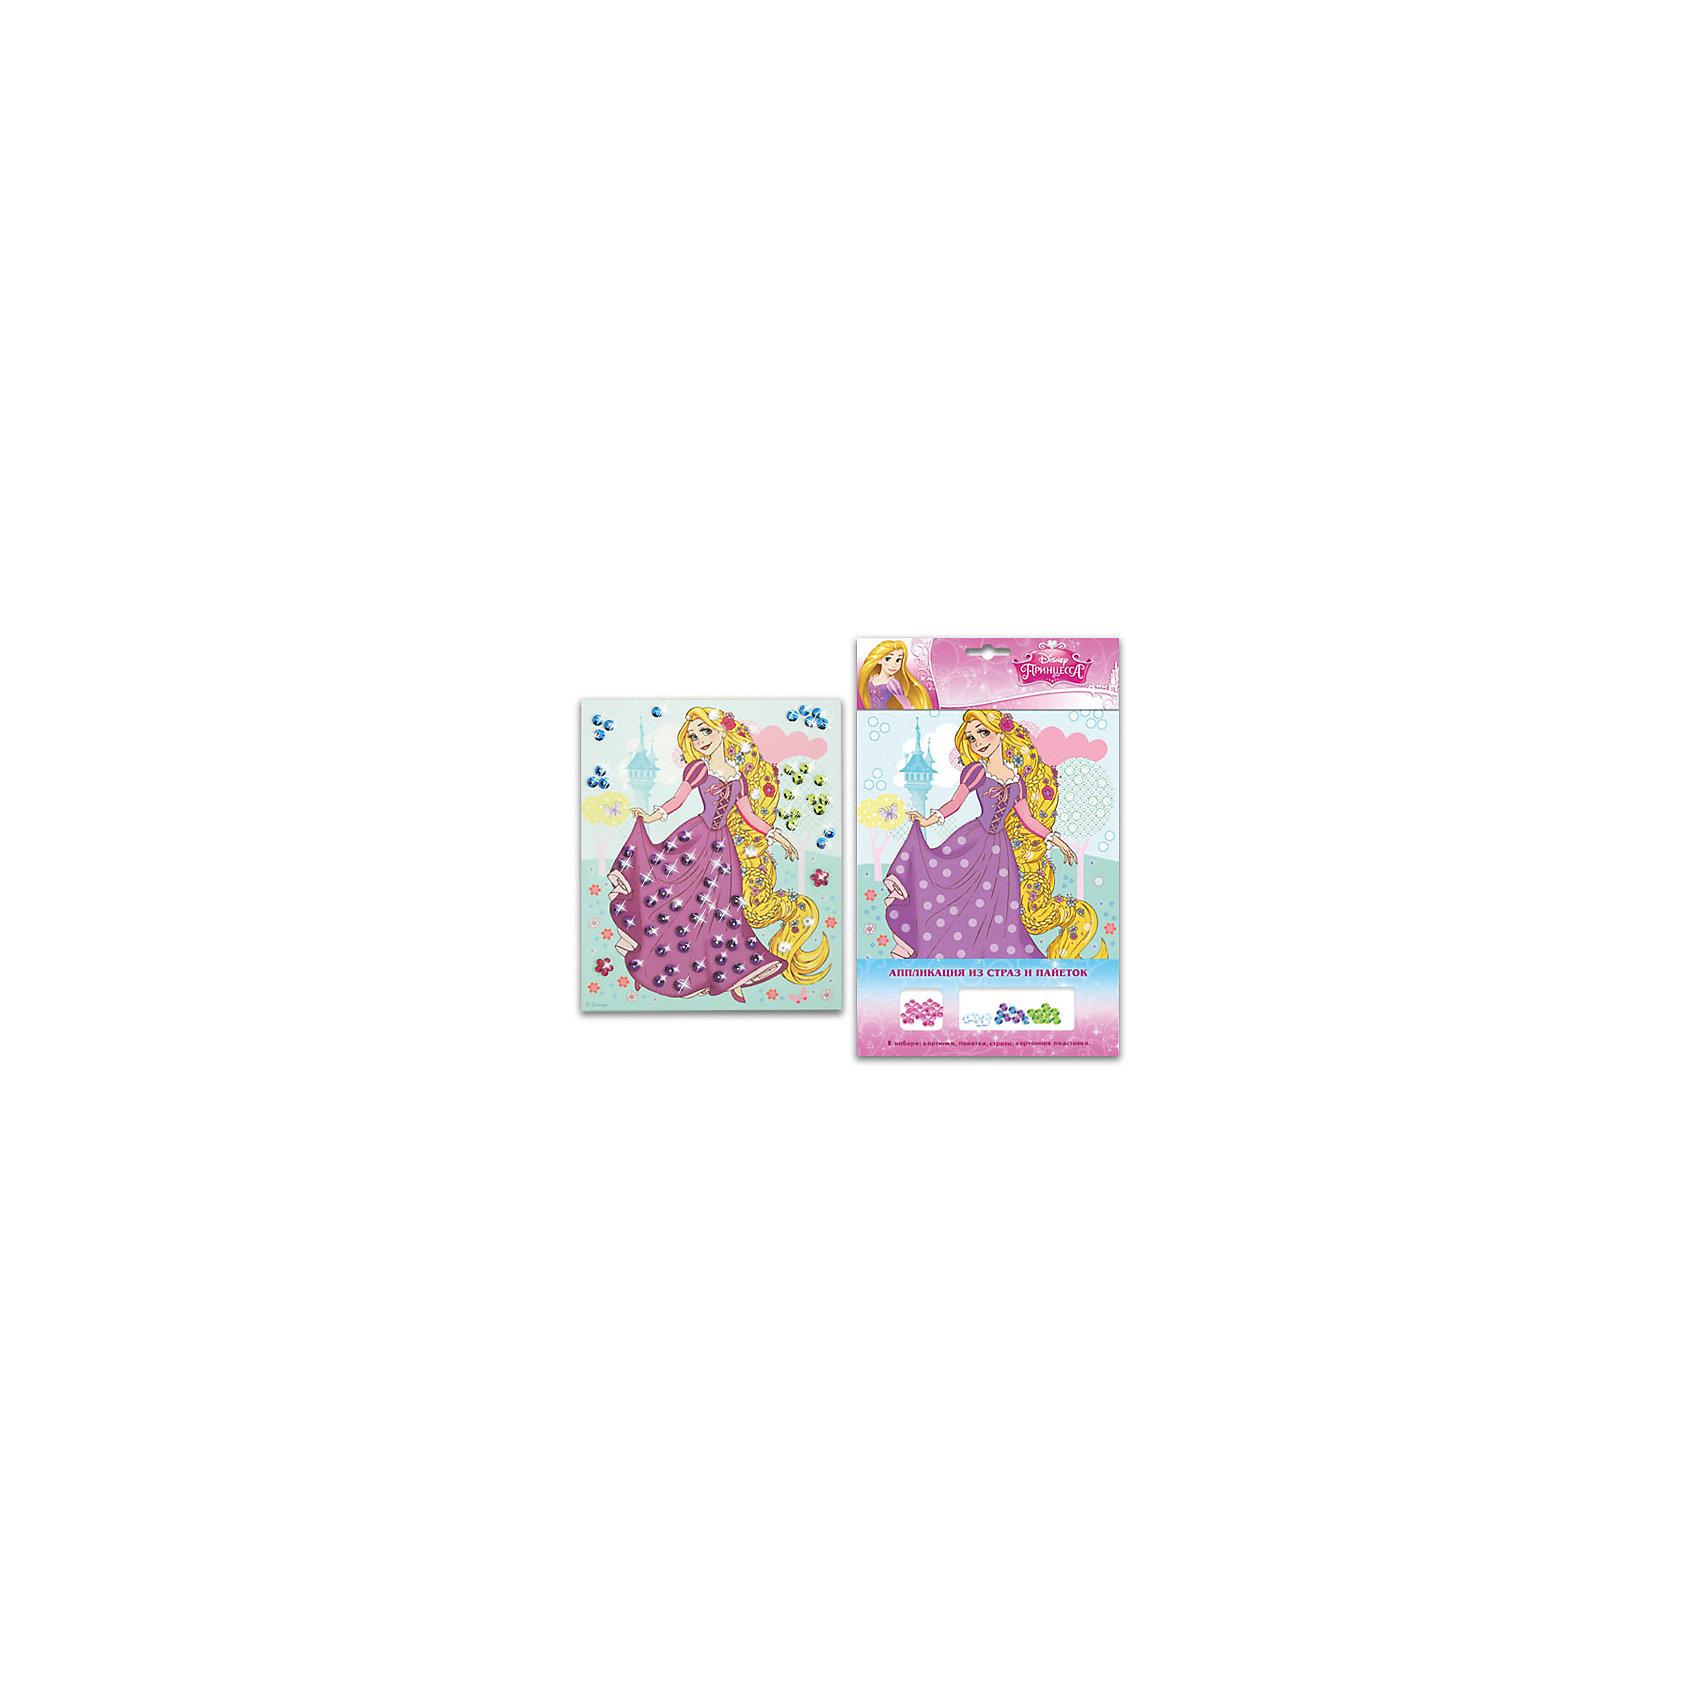 Росмэн Аппликация из страз и пайеток Рапунцель, Принцессы Дисней карапуз кукла рапунцель со светящимся амулетом 37 см со звуком принцессы дисней карапуз